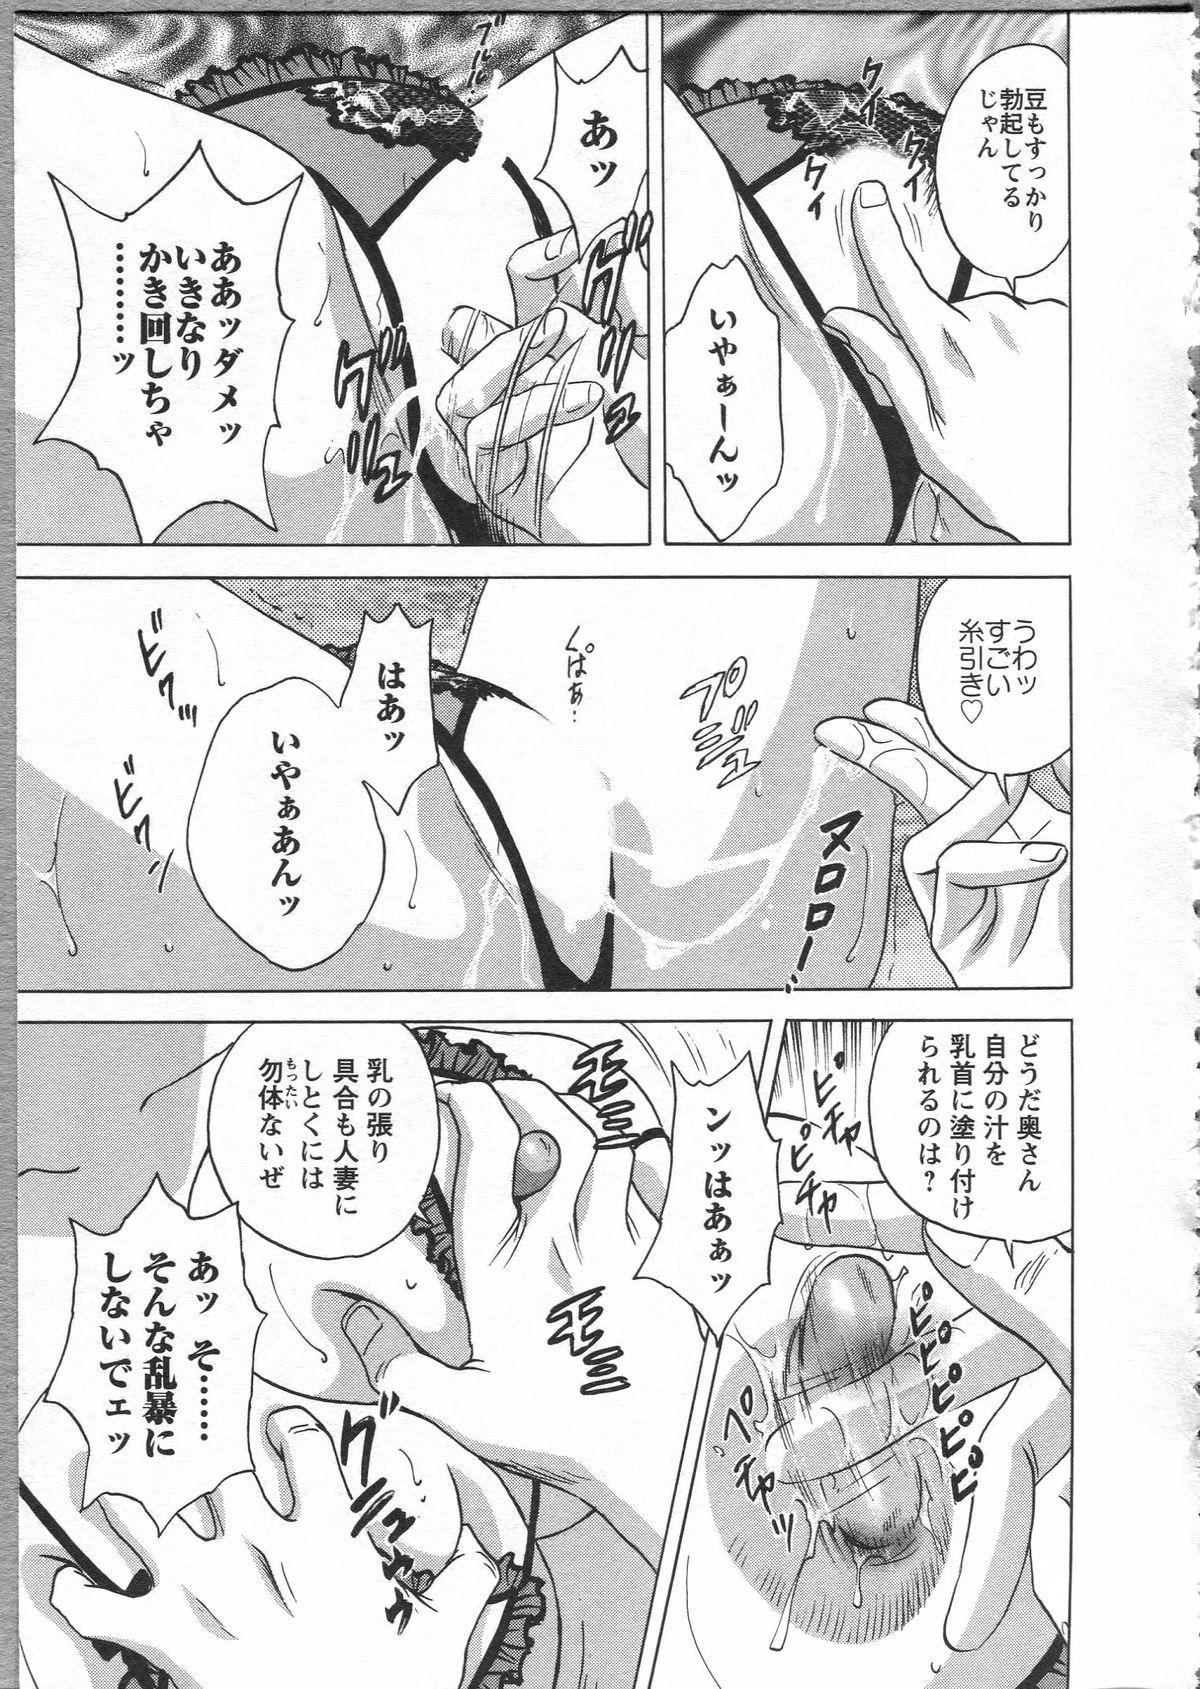 Manga no youna Hitozuma to no Hibi - Days with Married Women such as Comics. 162